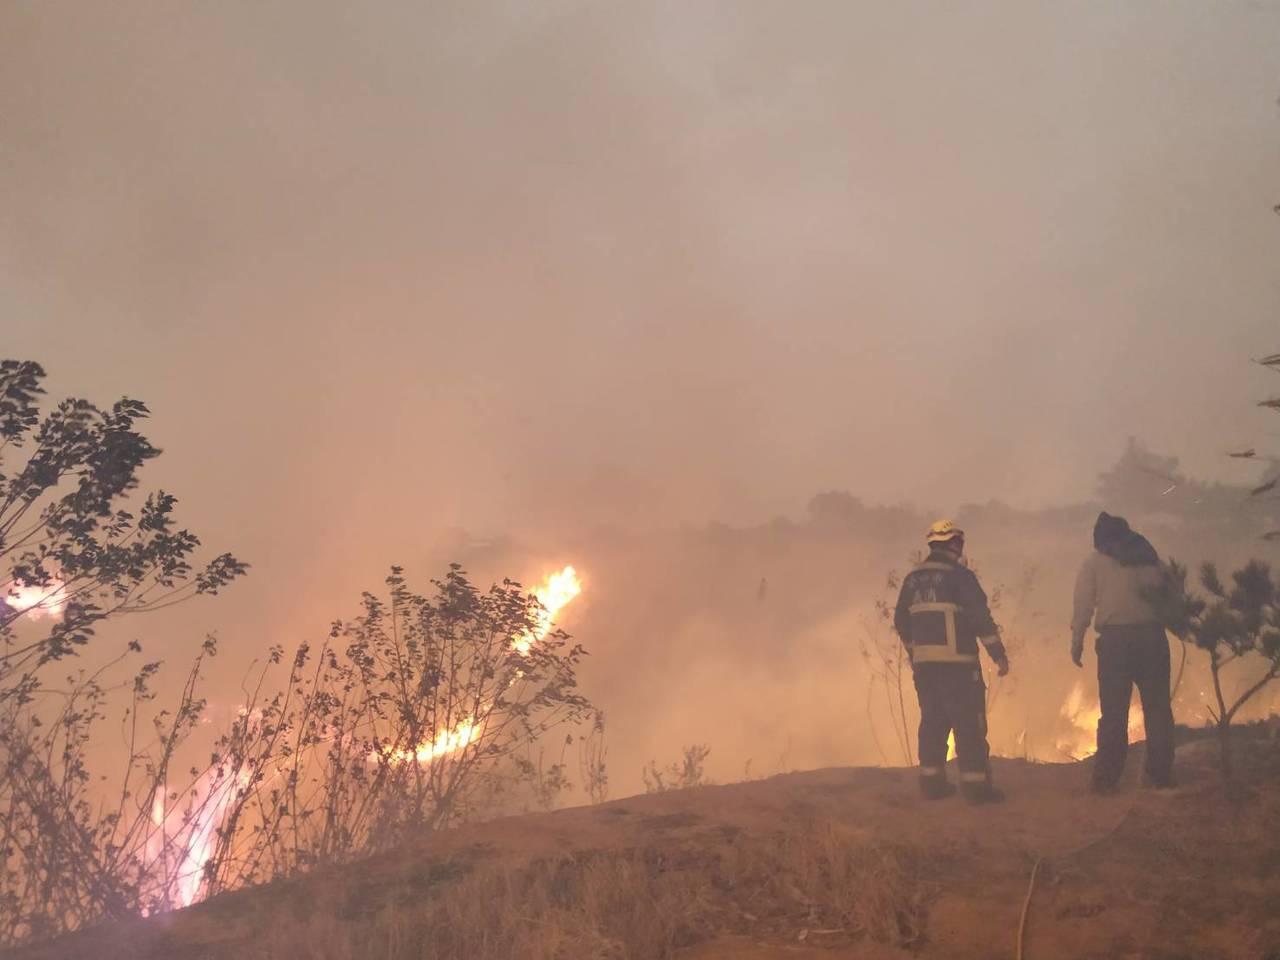 国道三号台中龙井段前天发生山林火警,除了有人后来在南寮步道一处壕沟内发现鹿的尸体...